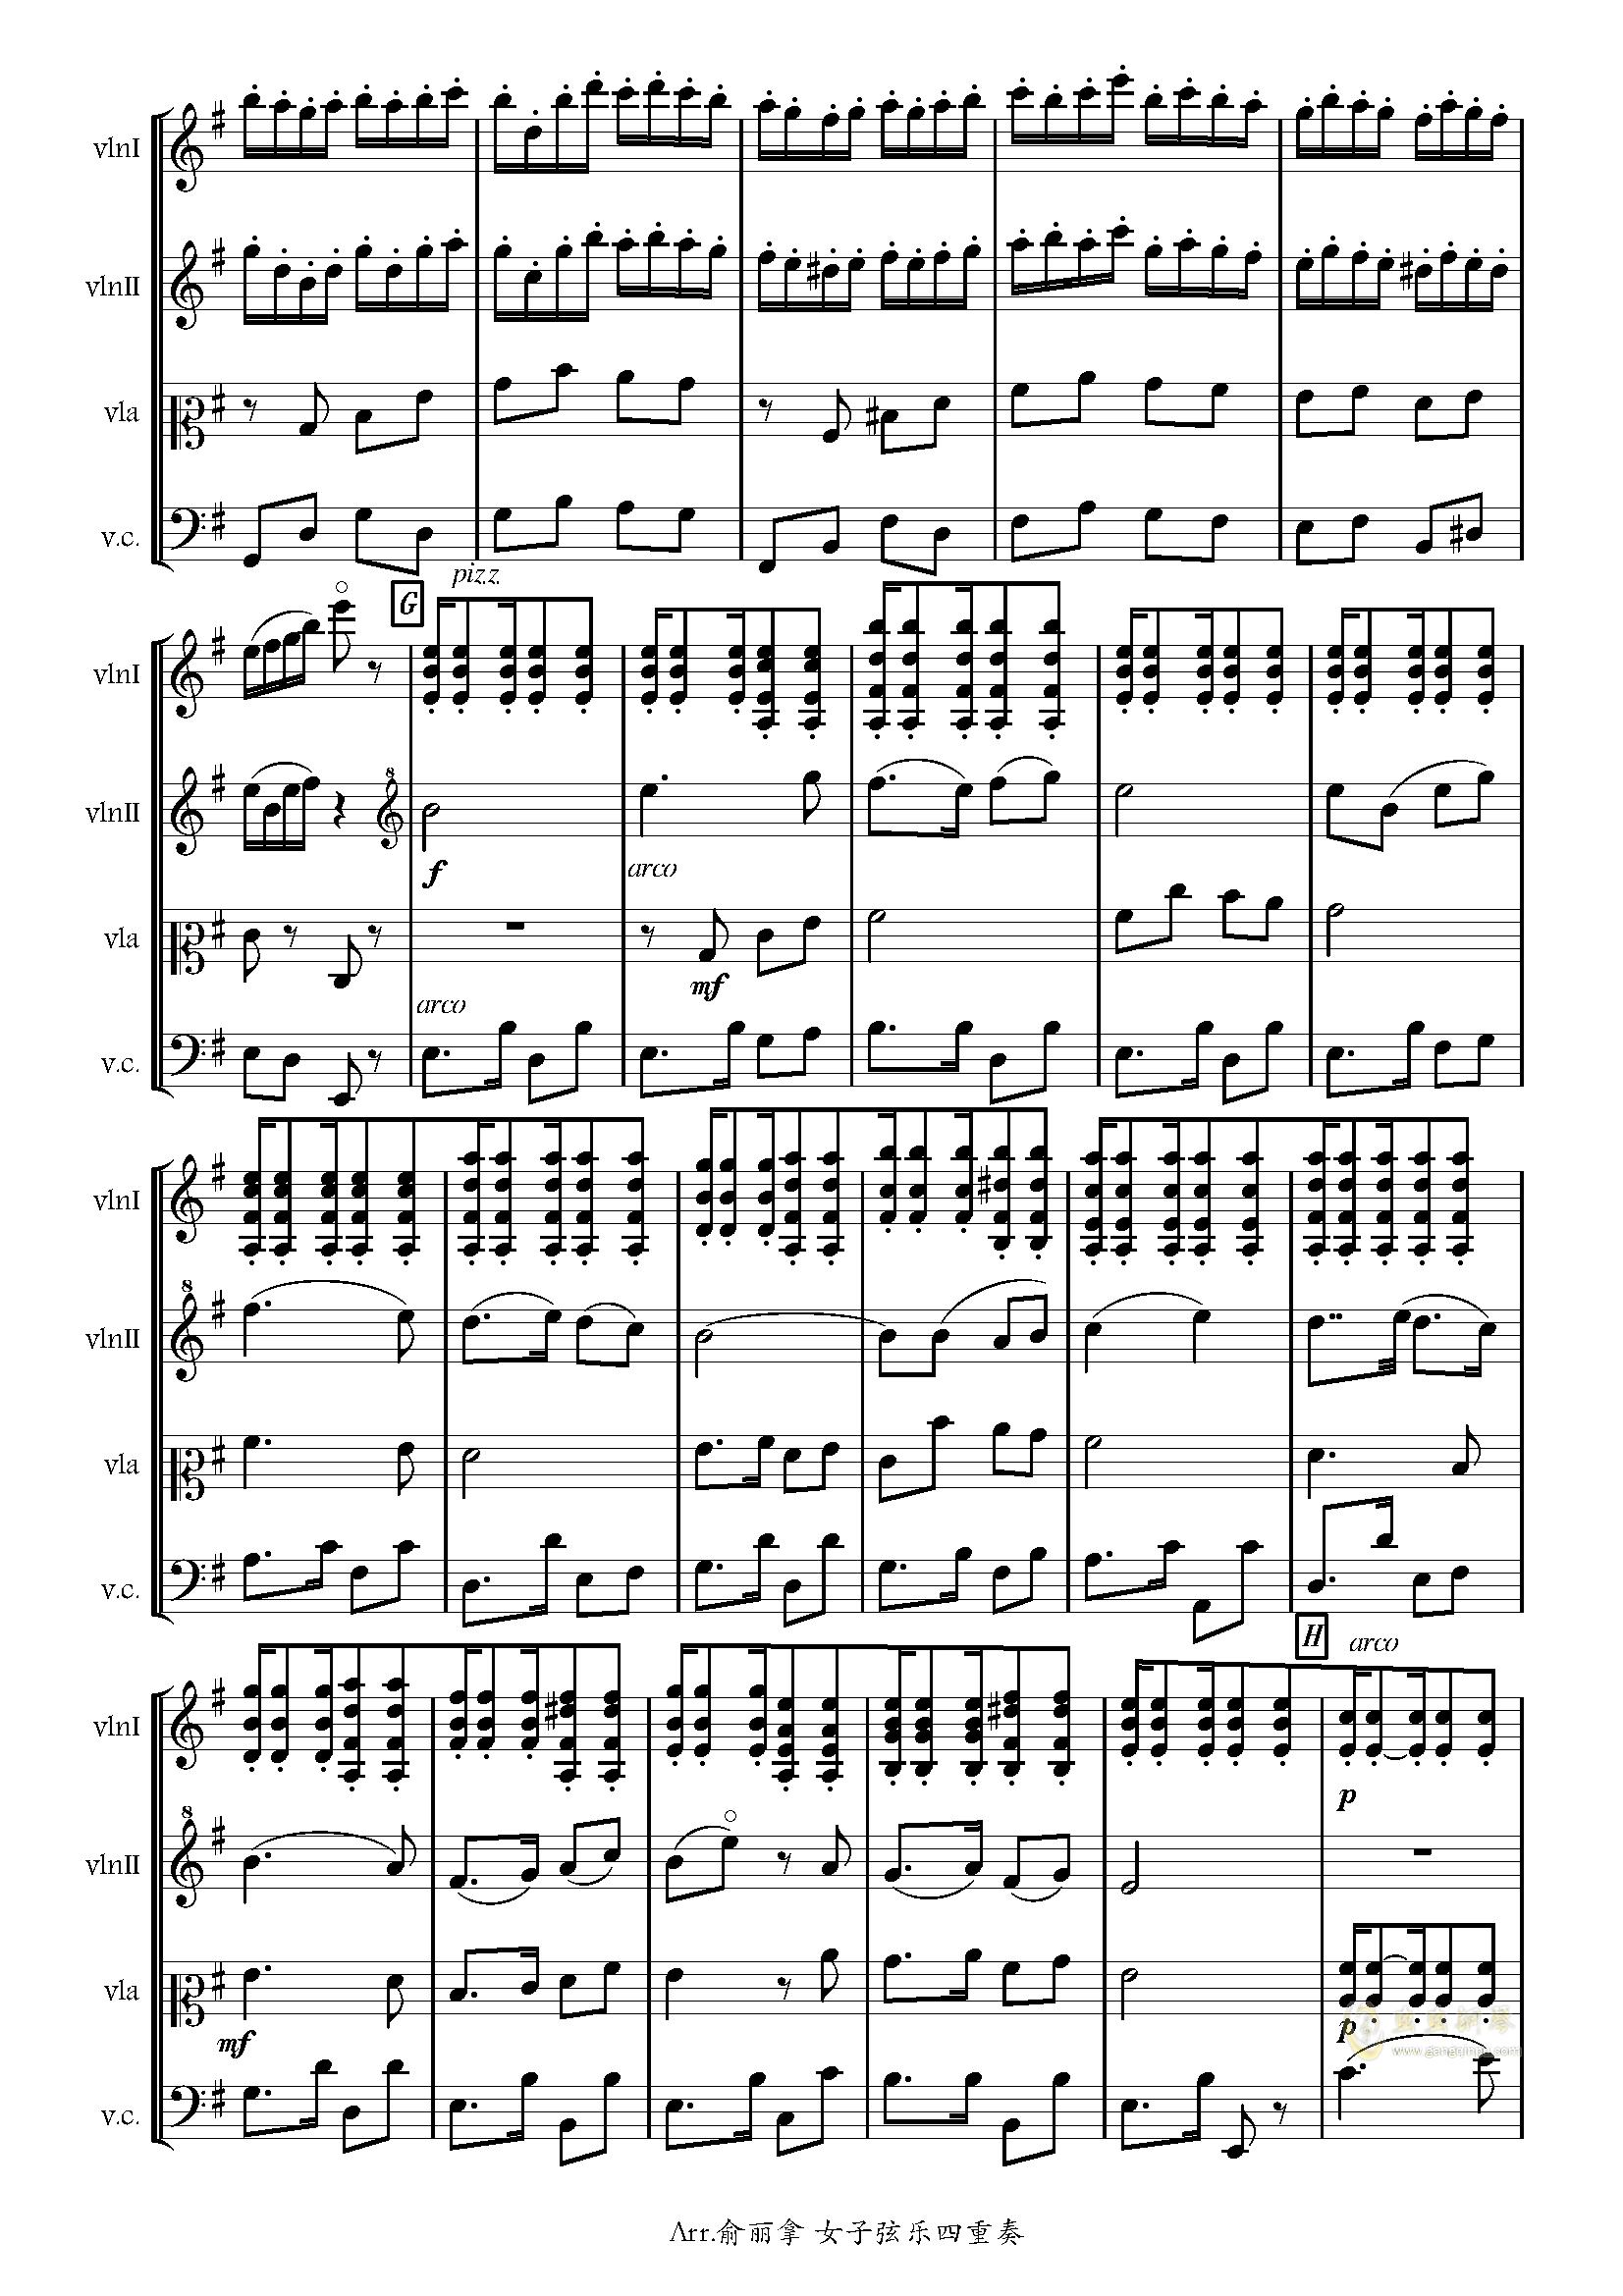 弦乐四重奏 快乐的萨丽哈 Arr.俞丽拿女子弦乐四重奏 , 弦乐四重奏 快